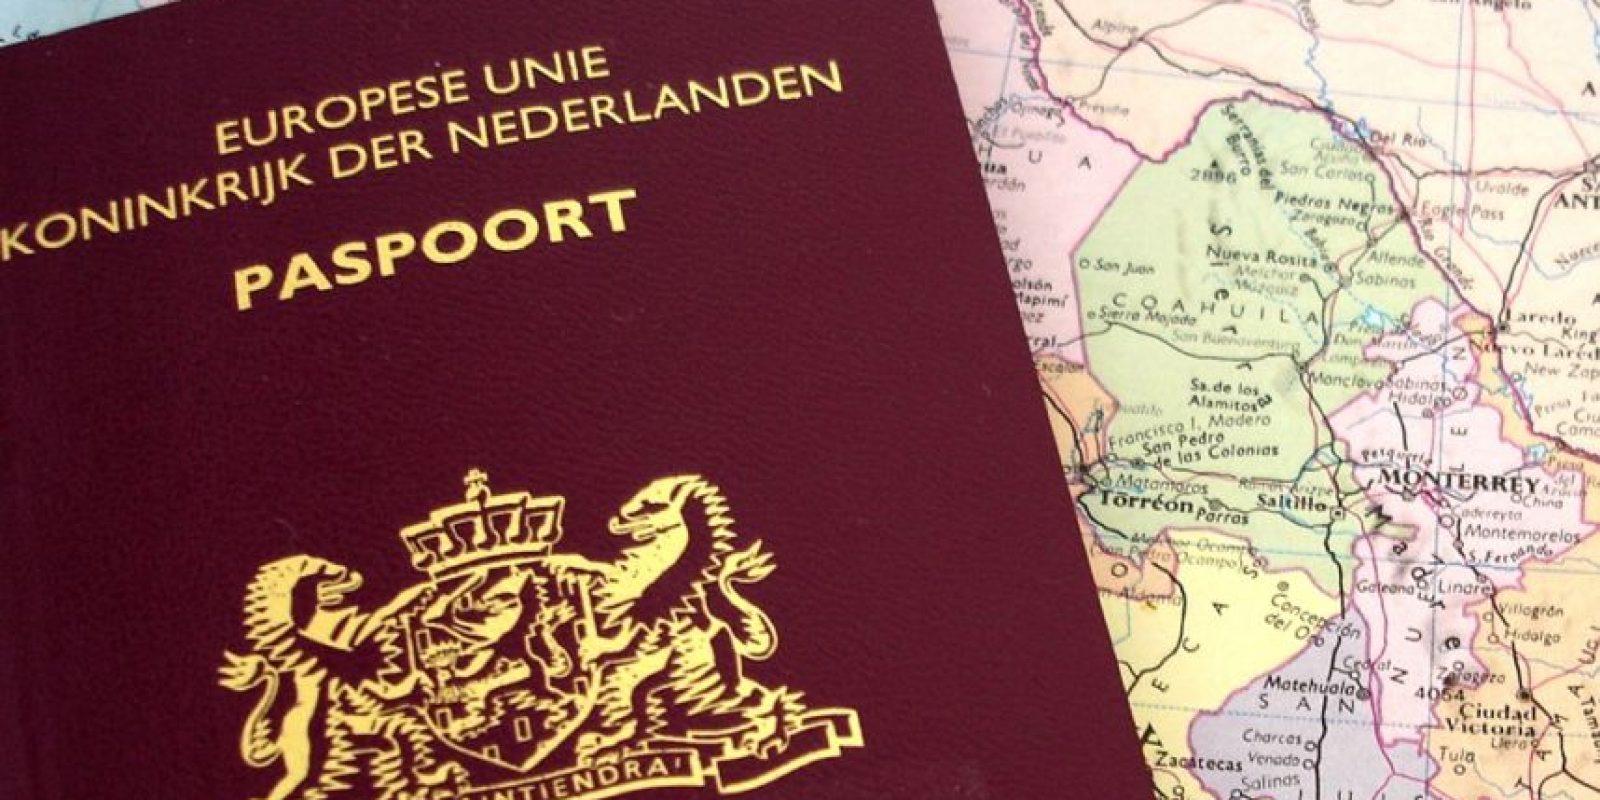 Su precio es de 70 dólares y se necesita invertir ocho horas de trabajo para poder pagarlo. Foto:Vía koevoetsadvocaten.nl